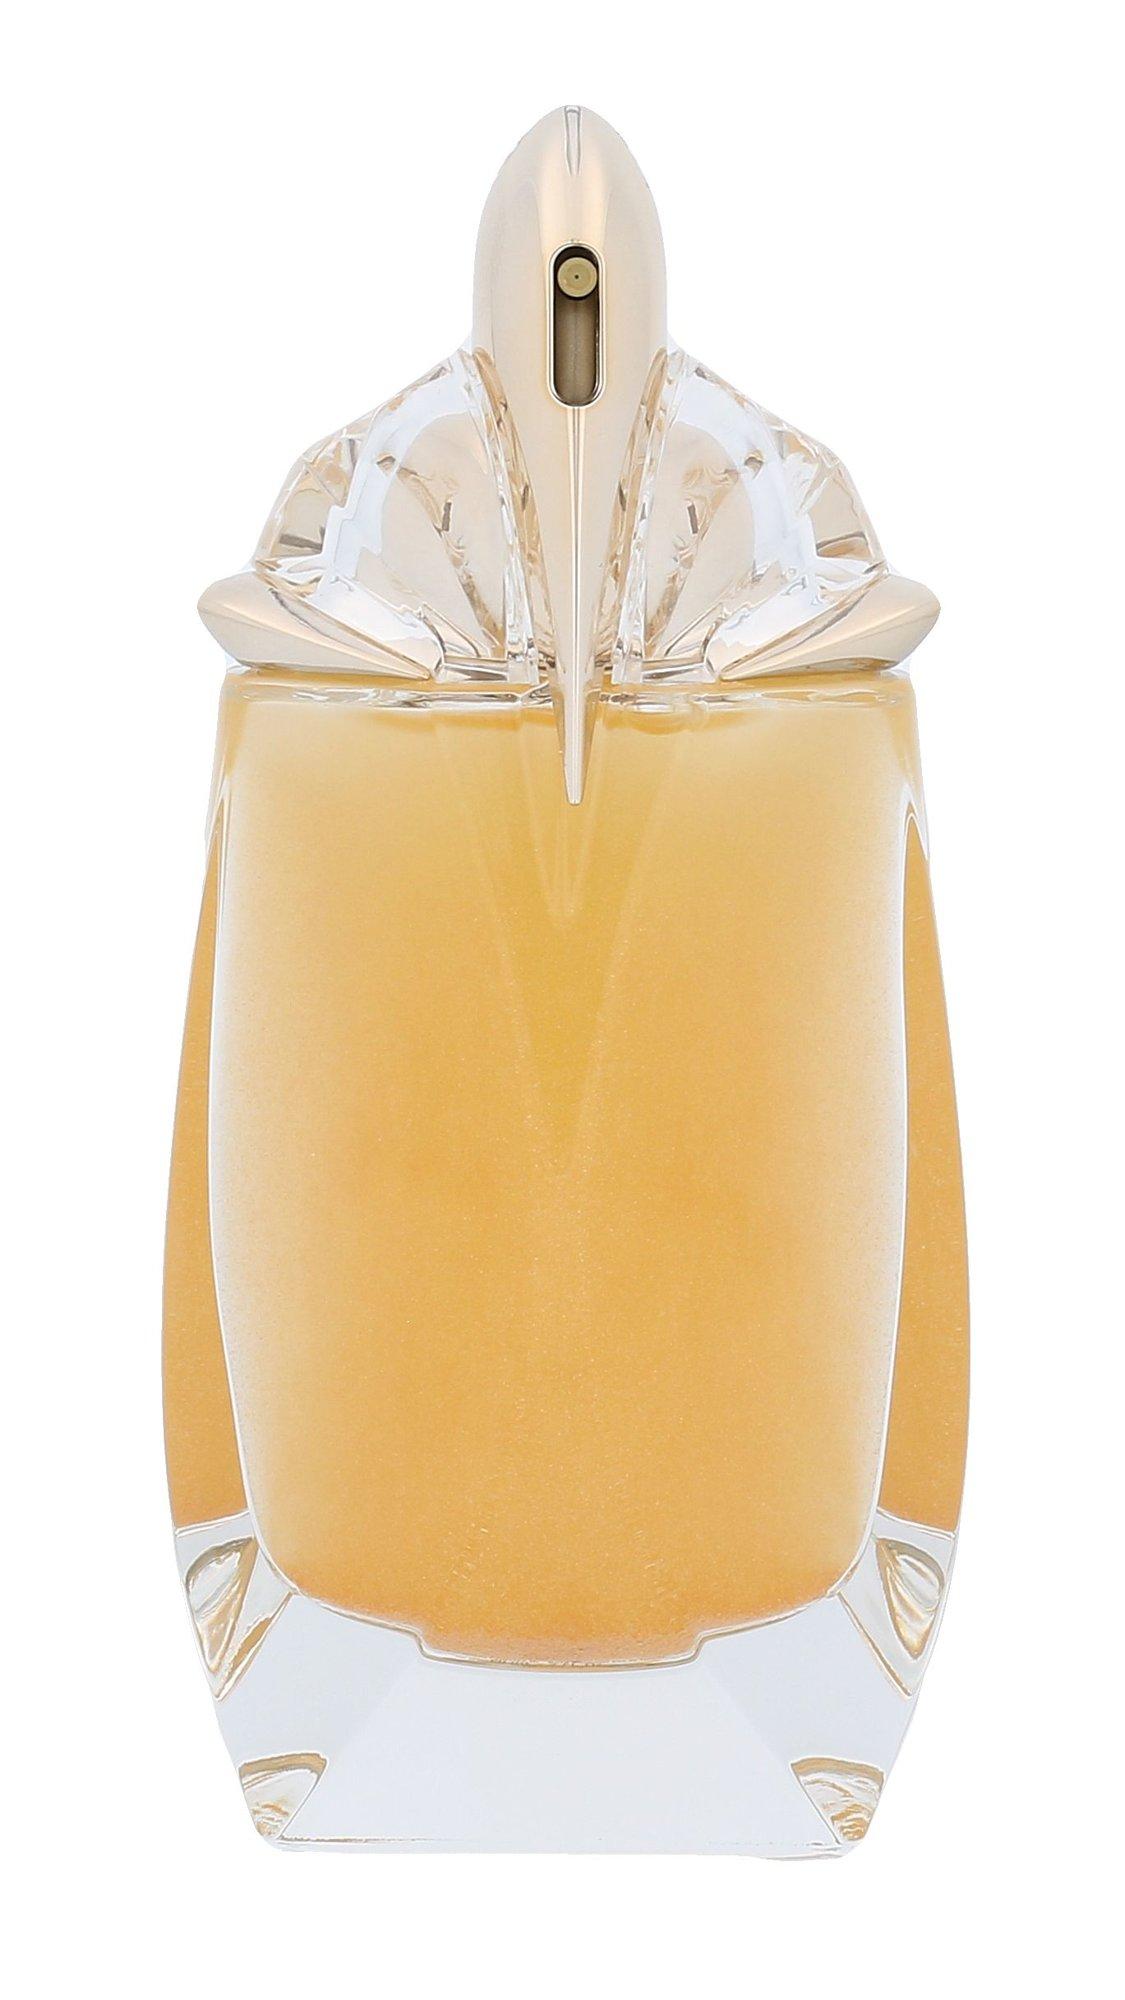 Thierry Mugler Alien Eau Extraordinaire Gold Shimmer EDT 90ml